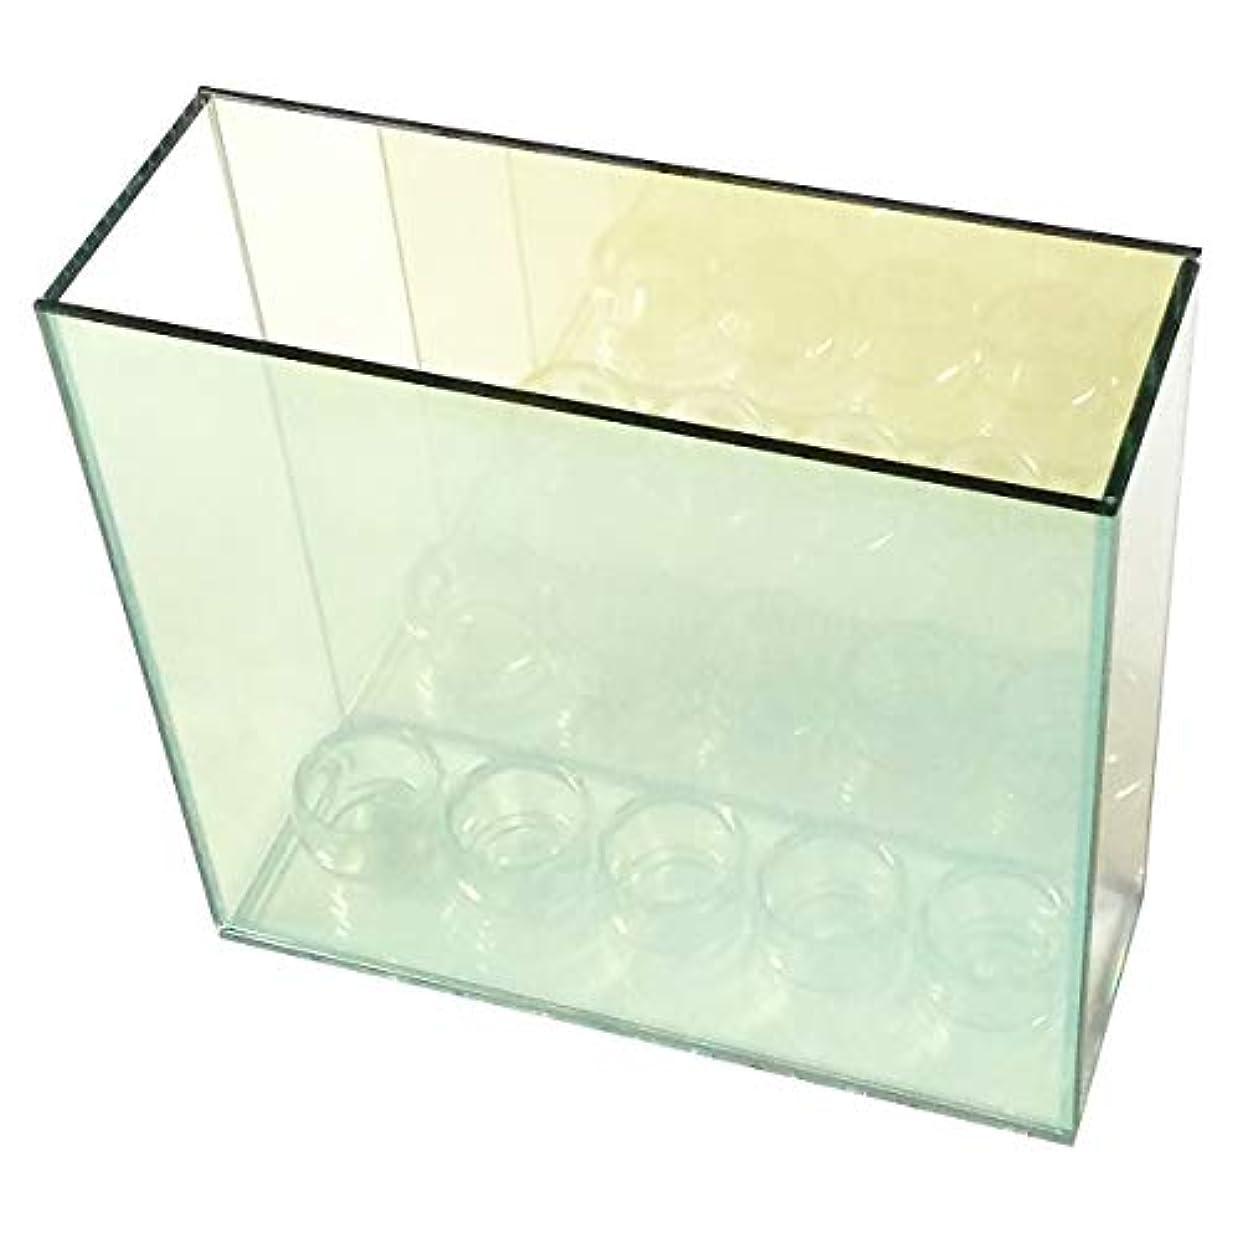 こねる危険イヤホン無限連鎖キャンドルホルダー 5連 ガラス キャンドルスタンド ランタン ティーライトキャンドル